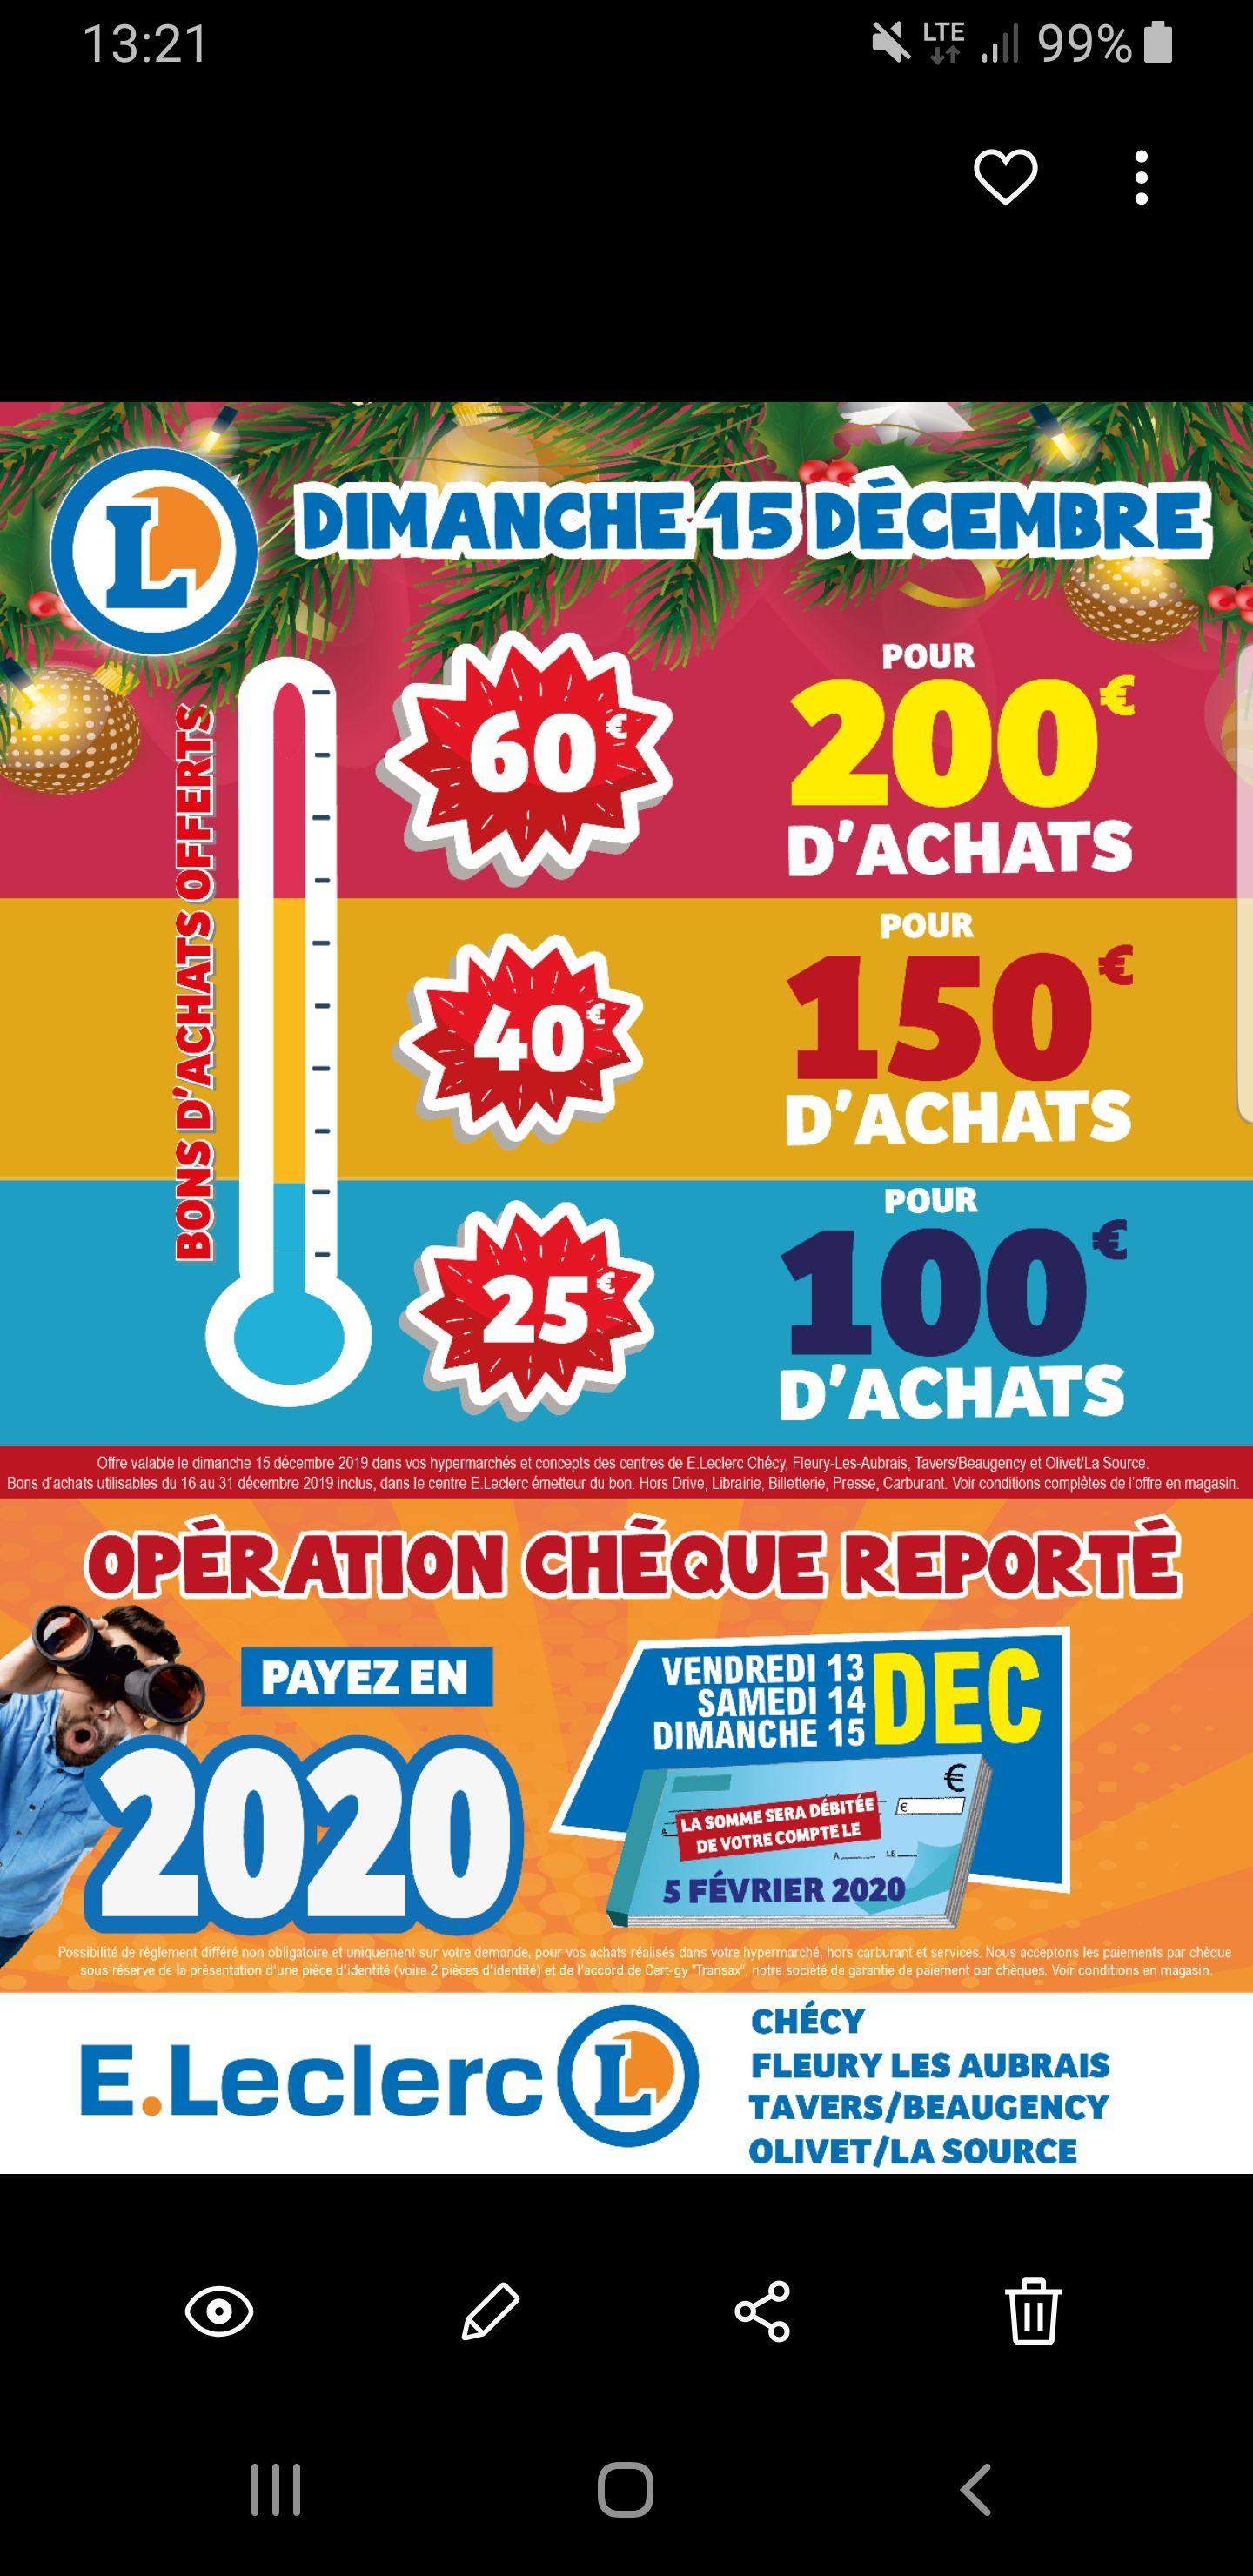 Jusqu'à 60€ offerts en bon d'achat - Ex : 40€ dès 150€ d'achat (Chécy / Fleury-les-Aubrais / Beaugency / Olivet La Source 45)